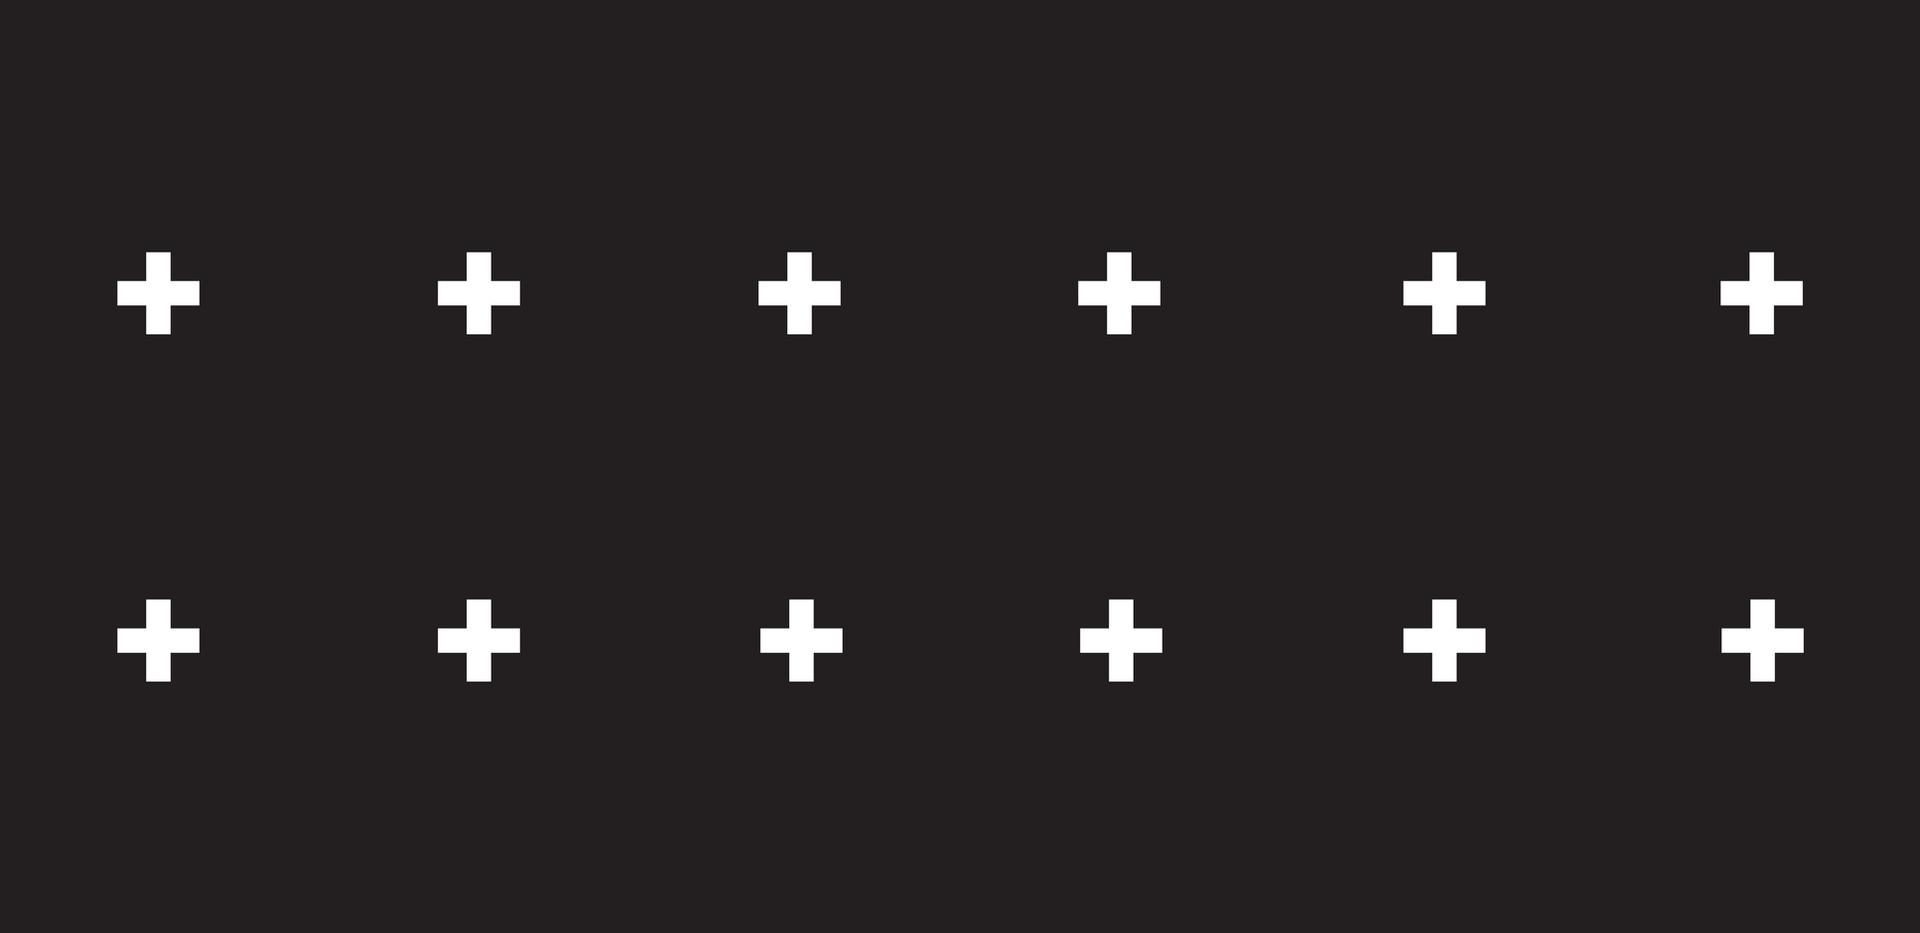 + + + . Black Onyx Plus Signs